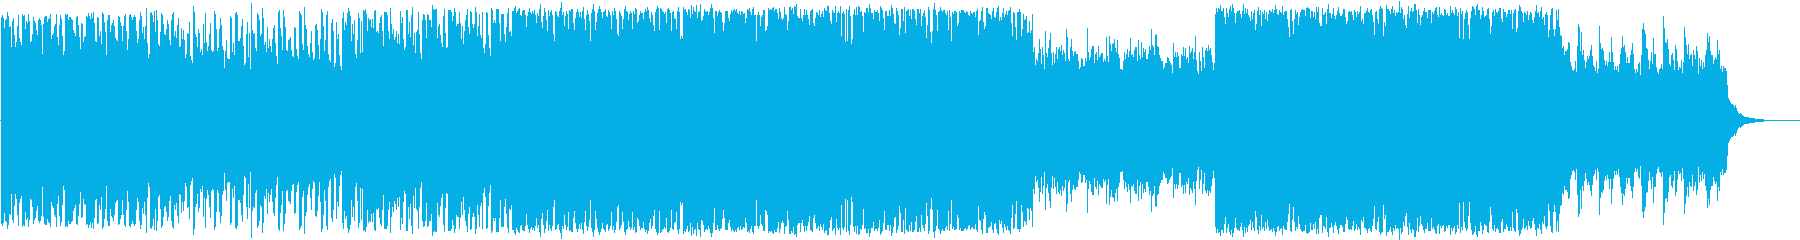 爽やかで清涼感のあるEDMの再生済みの波形